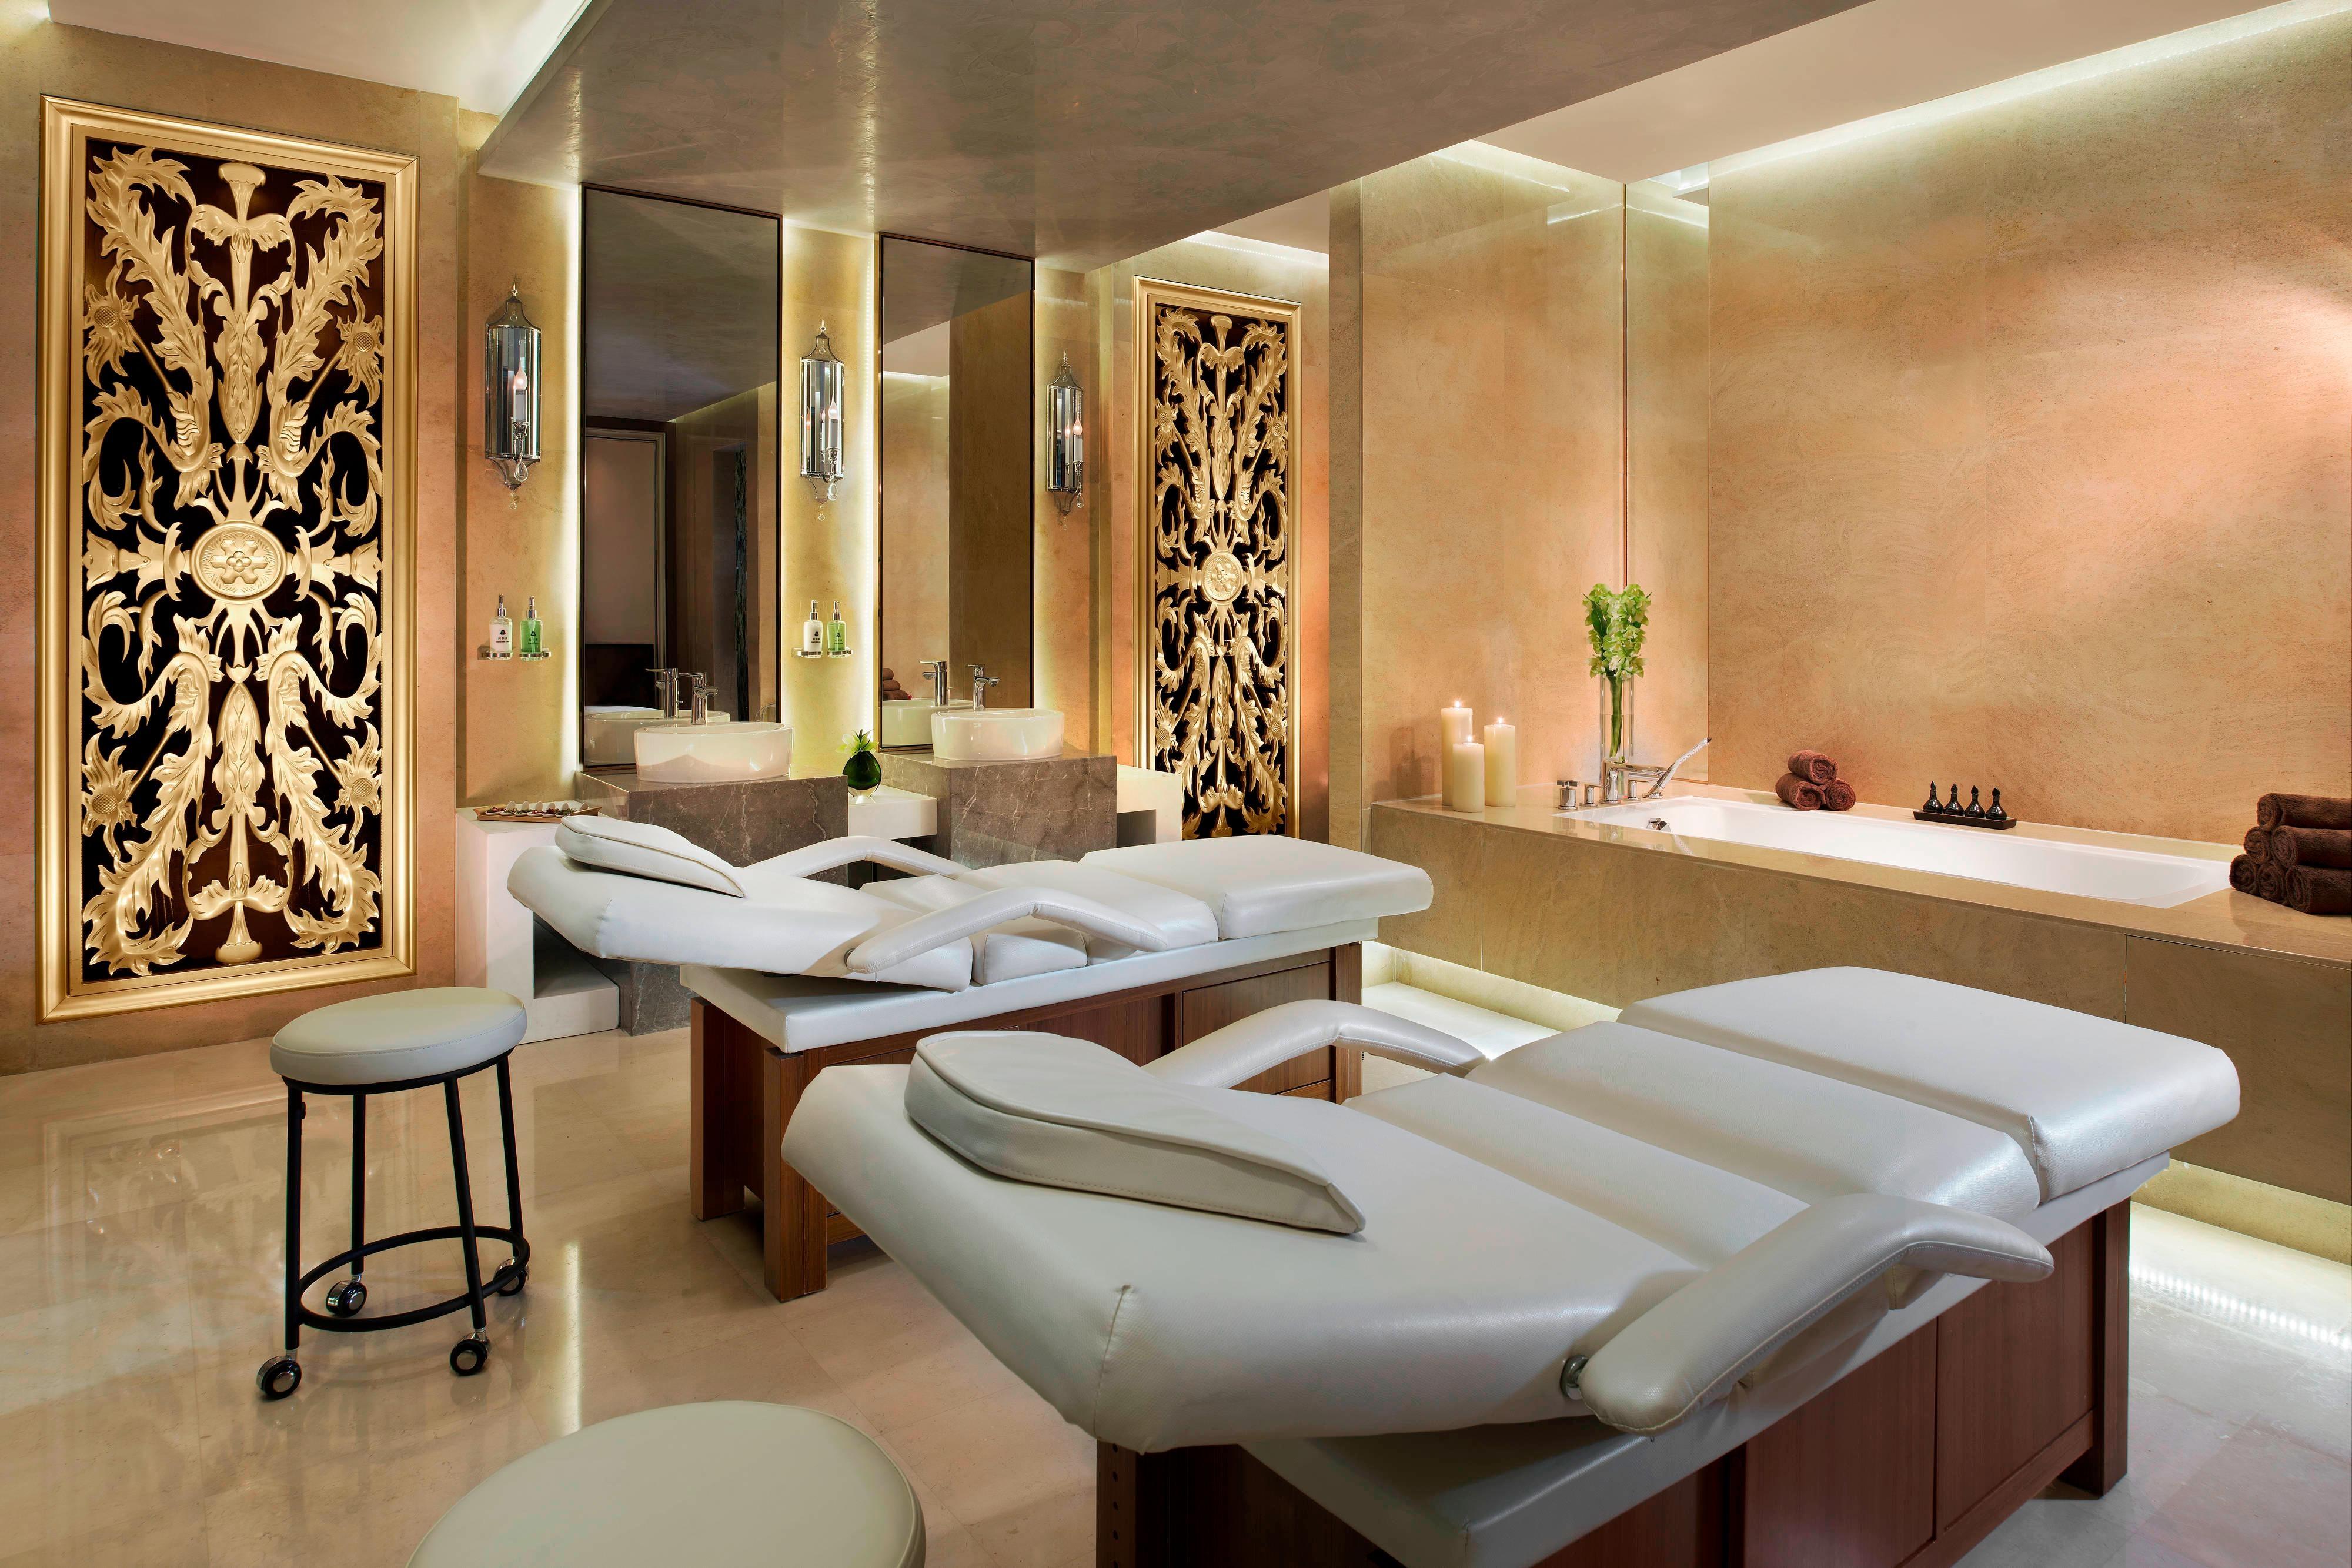 Iridium Spa VIP Treatment Room